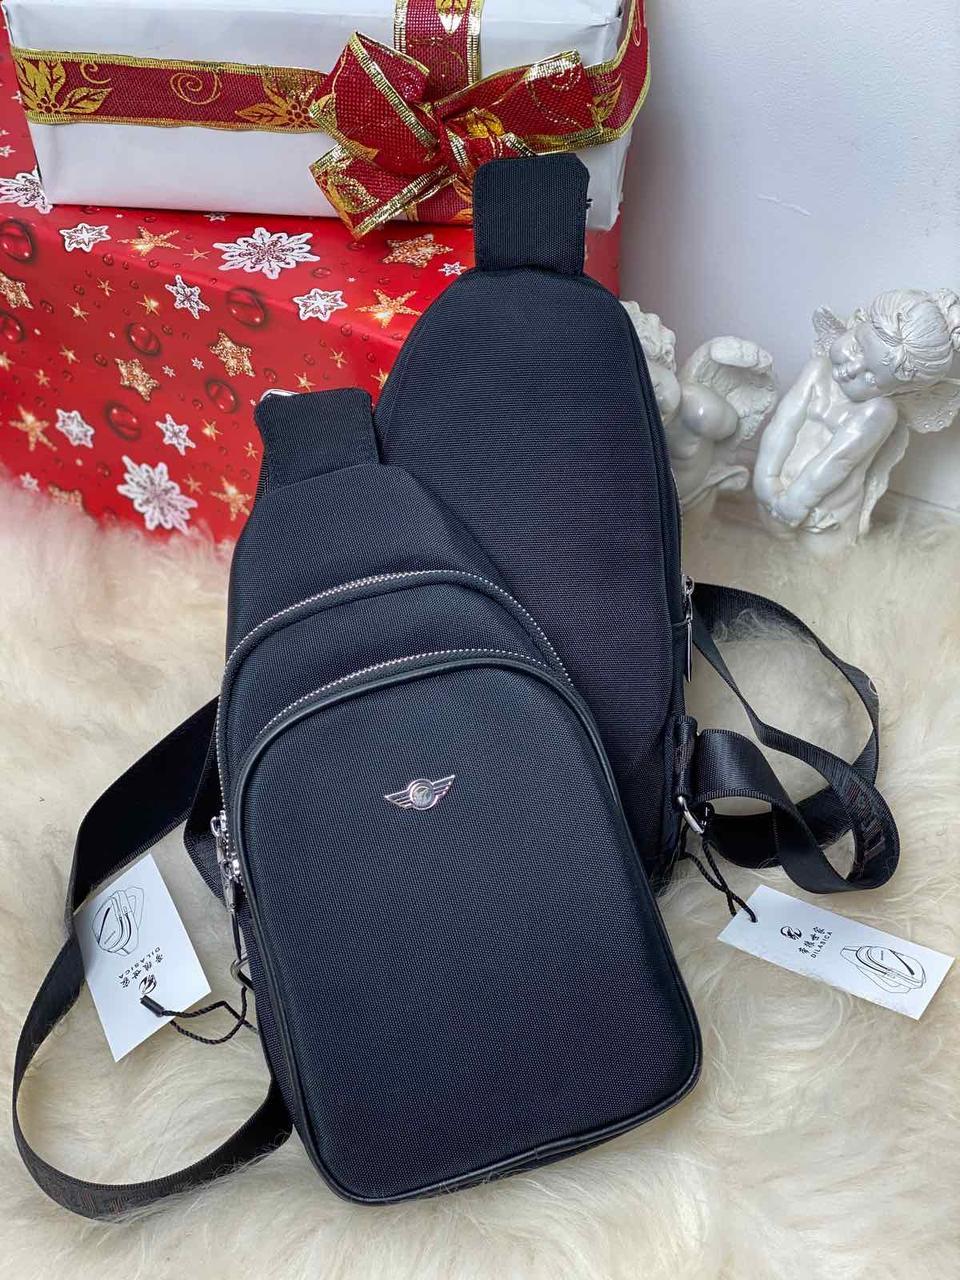 Мужская черная сумка слинг барсетка кросс-боди через плечо мессенджер текстиль